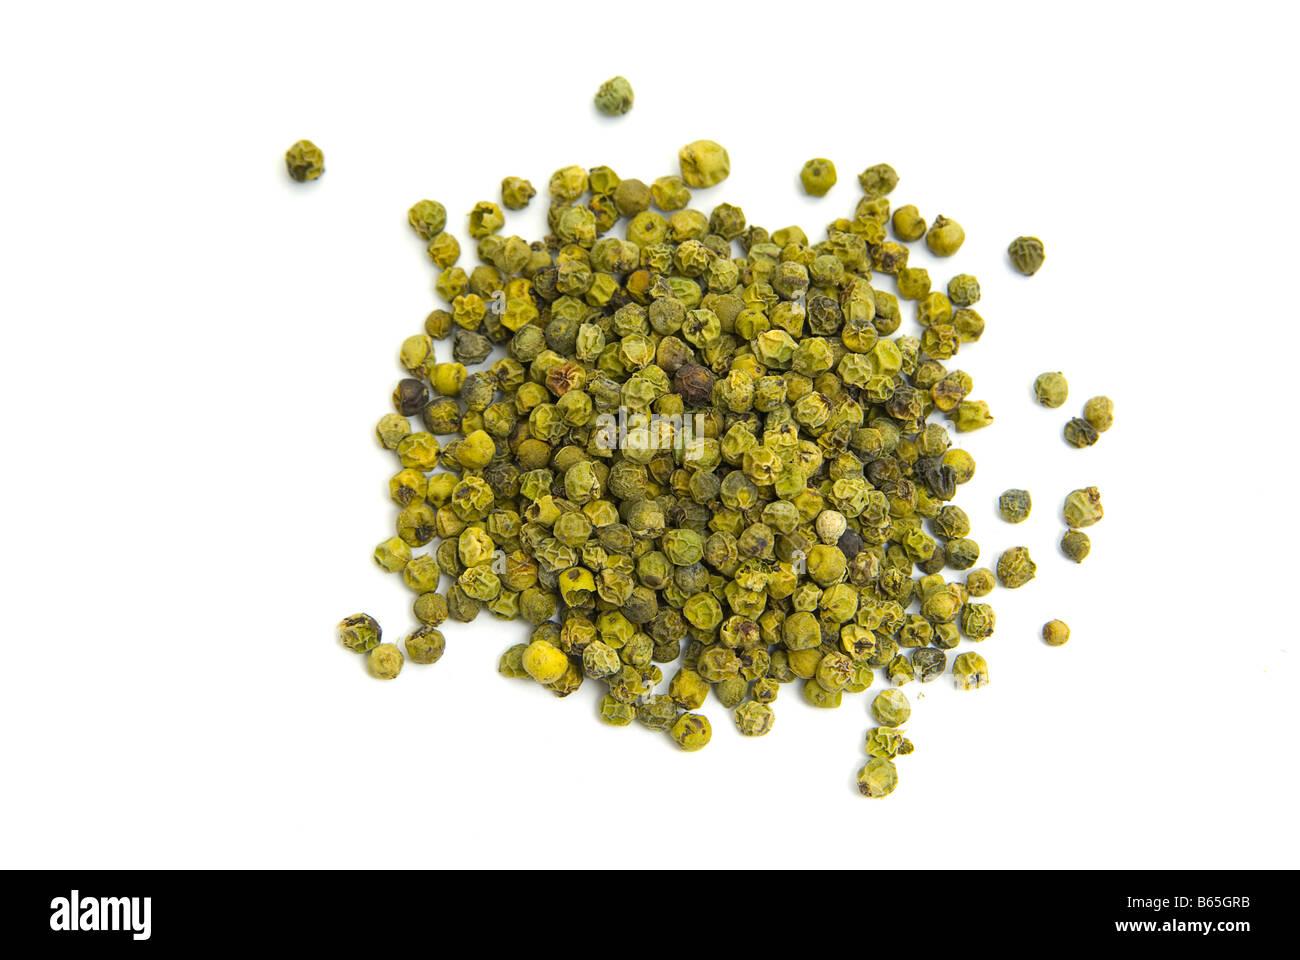 Green pepper - Stock Image